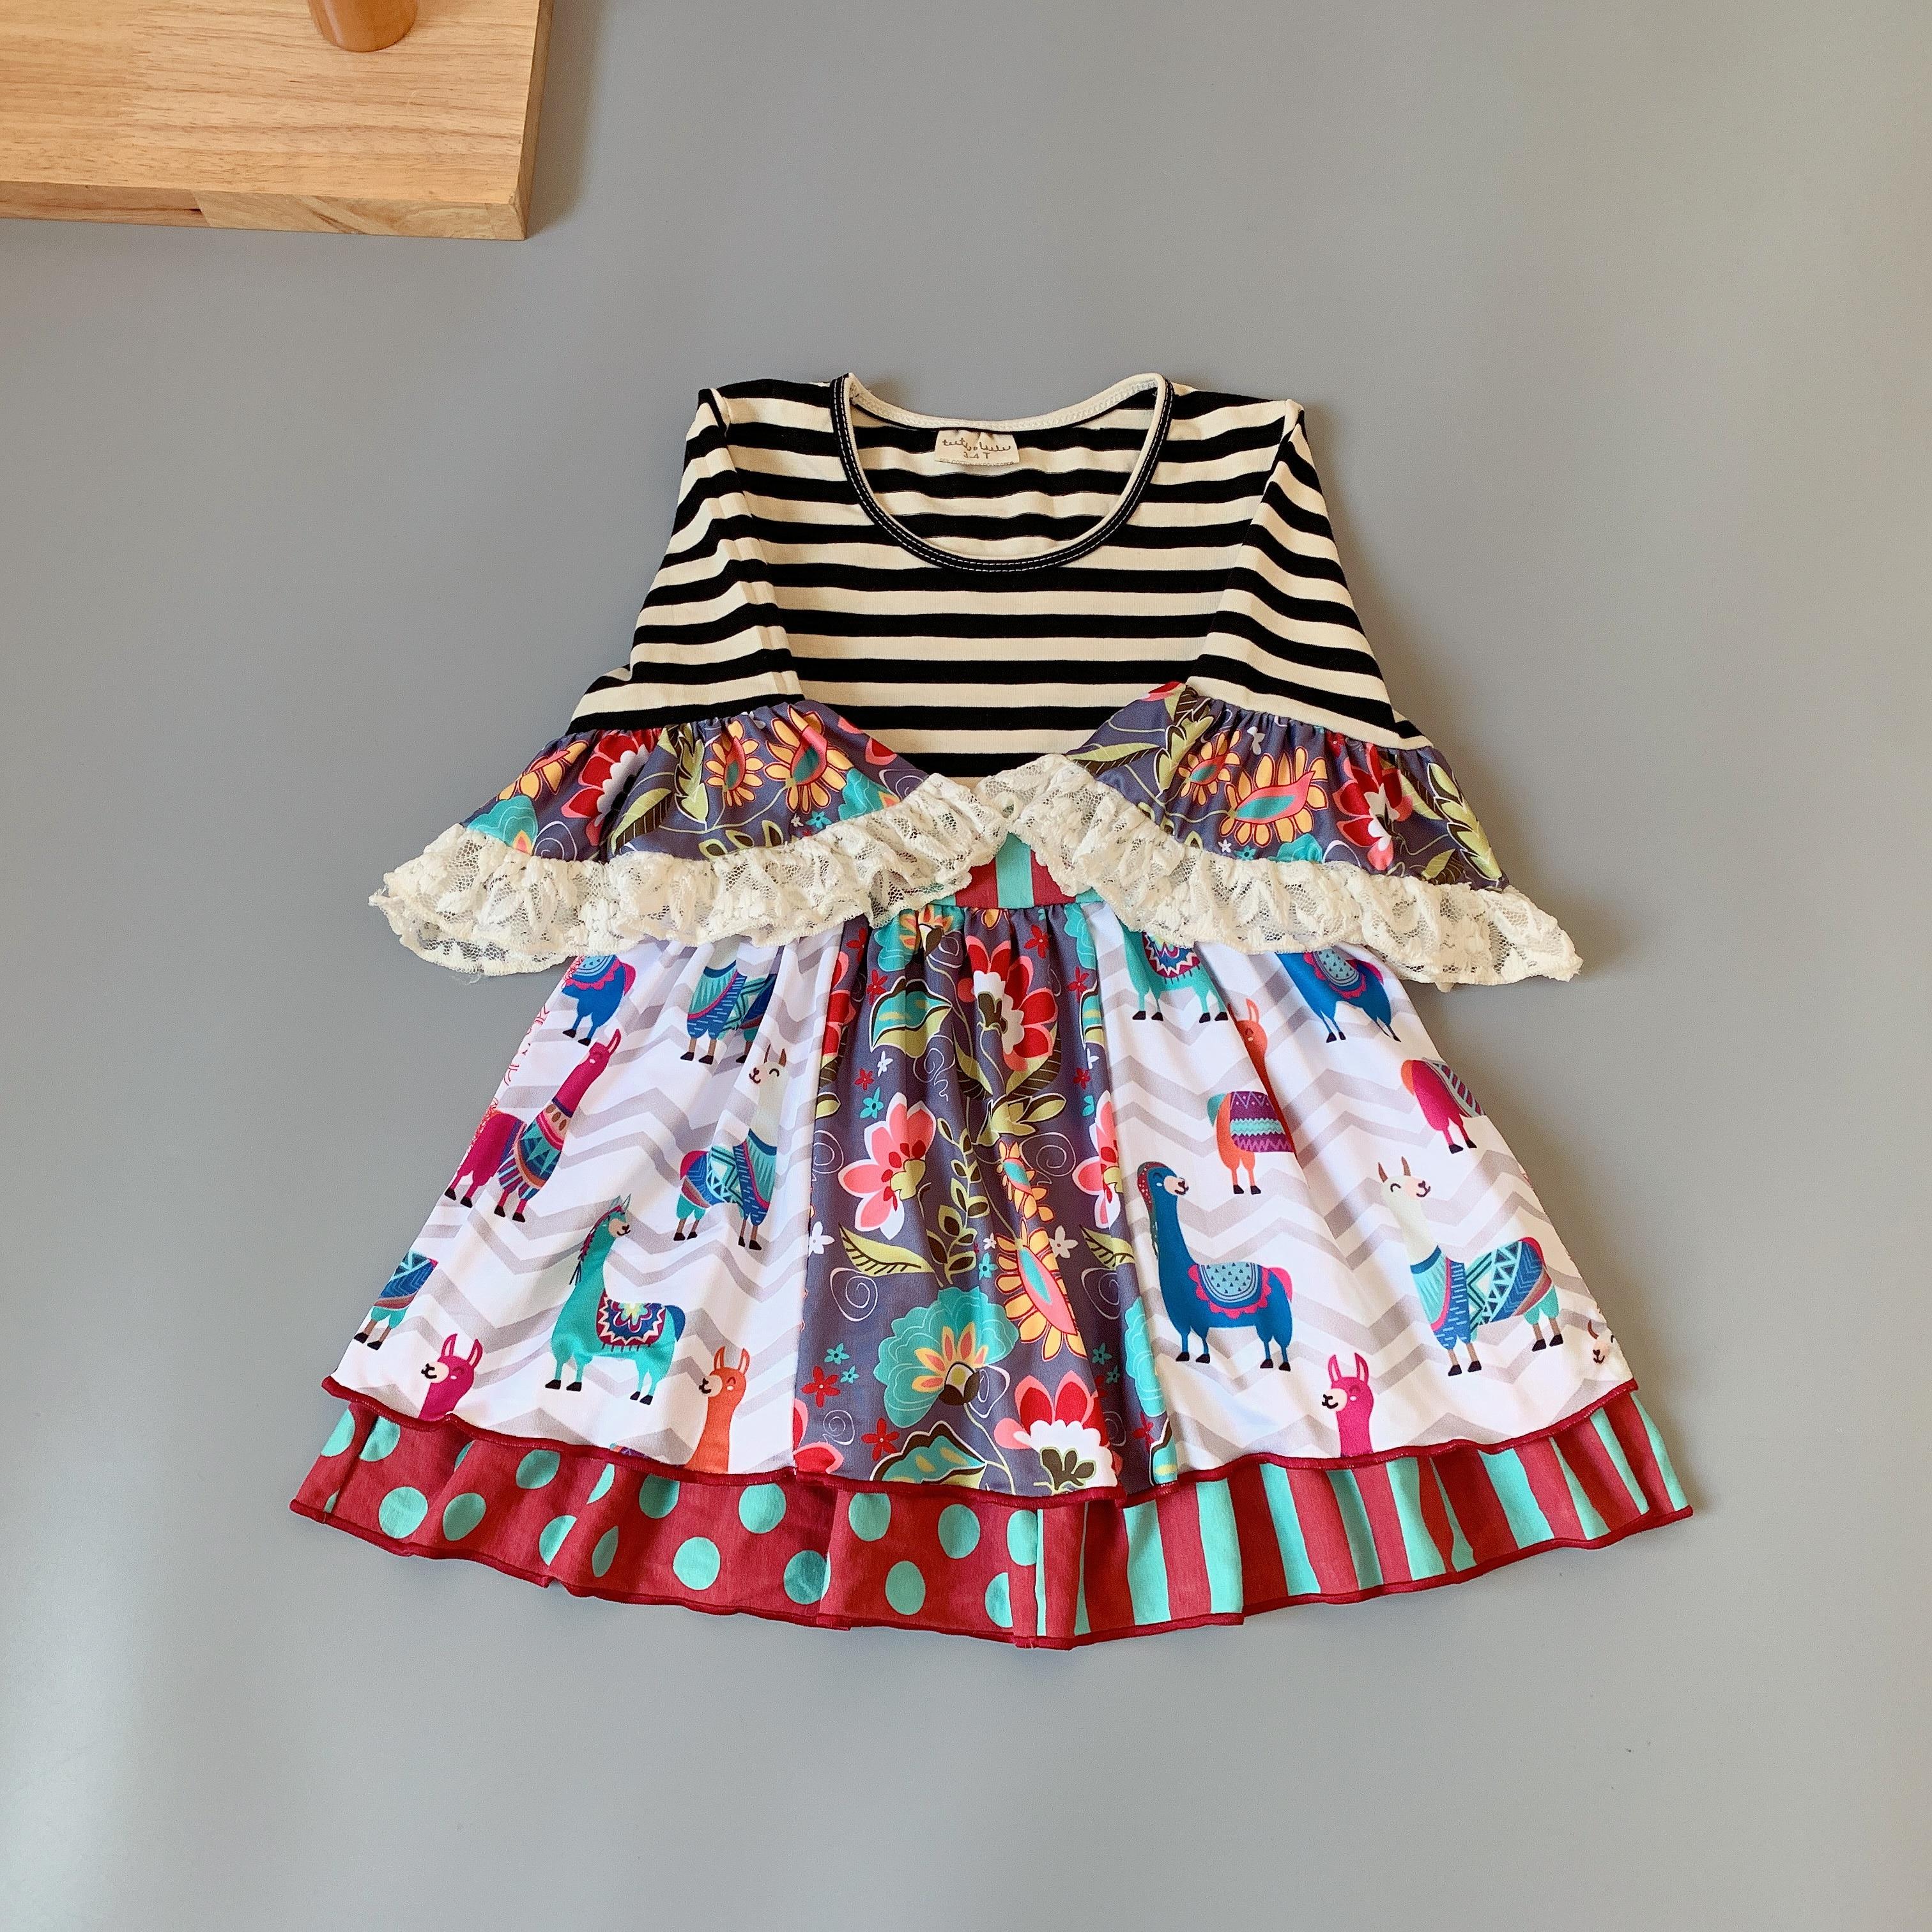 100% de algodón para niños otoño rayas blancas y negras vestido para niñas gran oferta nuevo vestido de estilo para el presente